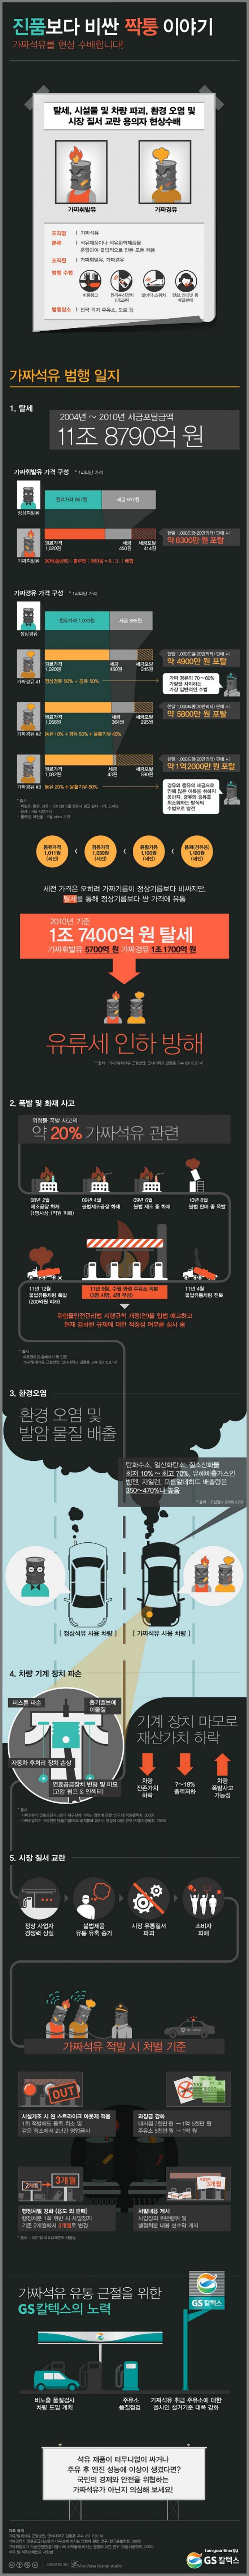 진품보다 비싼 가짜석유이야기!   출처 : http://www.insightofgscaltex.com/?p=27352